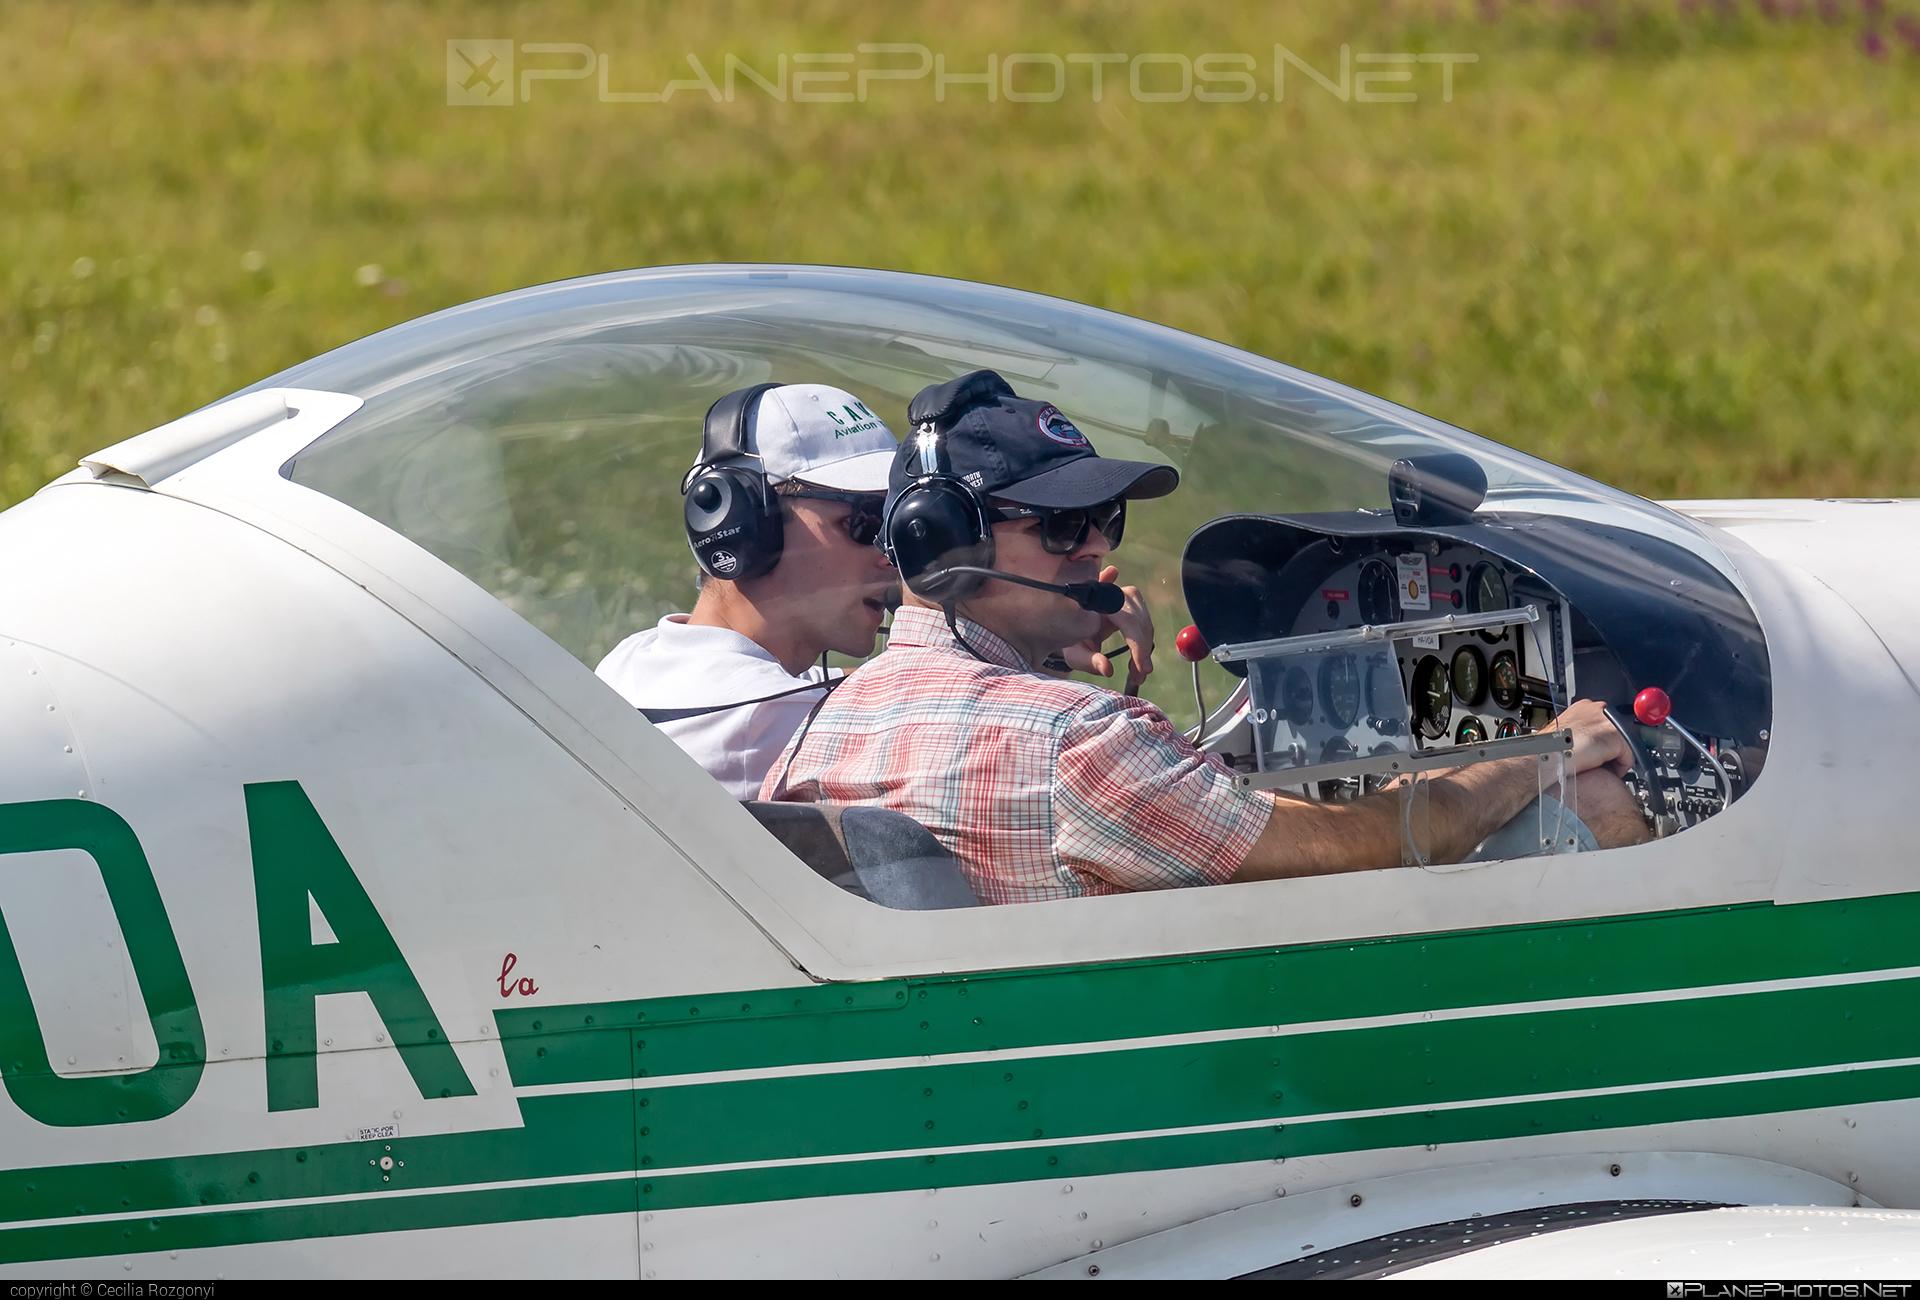 Aero AT AT-3 R100 - HA-VOA operated by CAVOK Aviation Training #aeroat #aeroat3 #aeroat3r100 #cavokaviationtraining